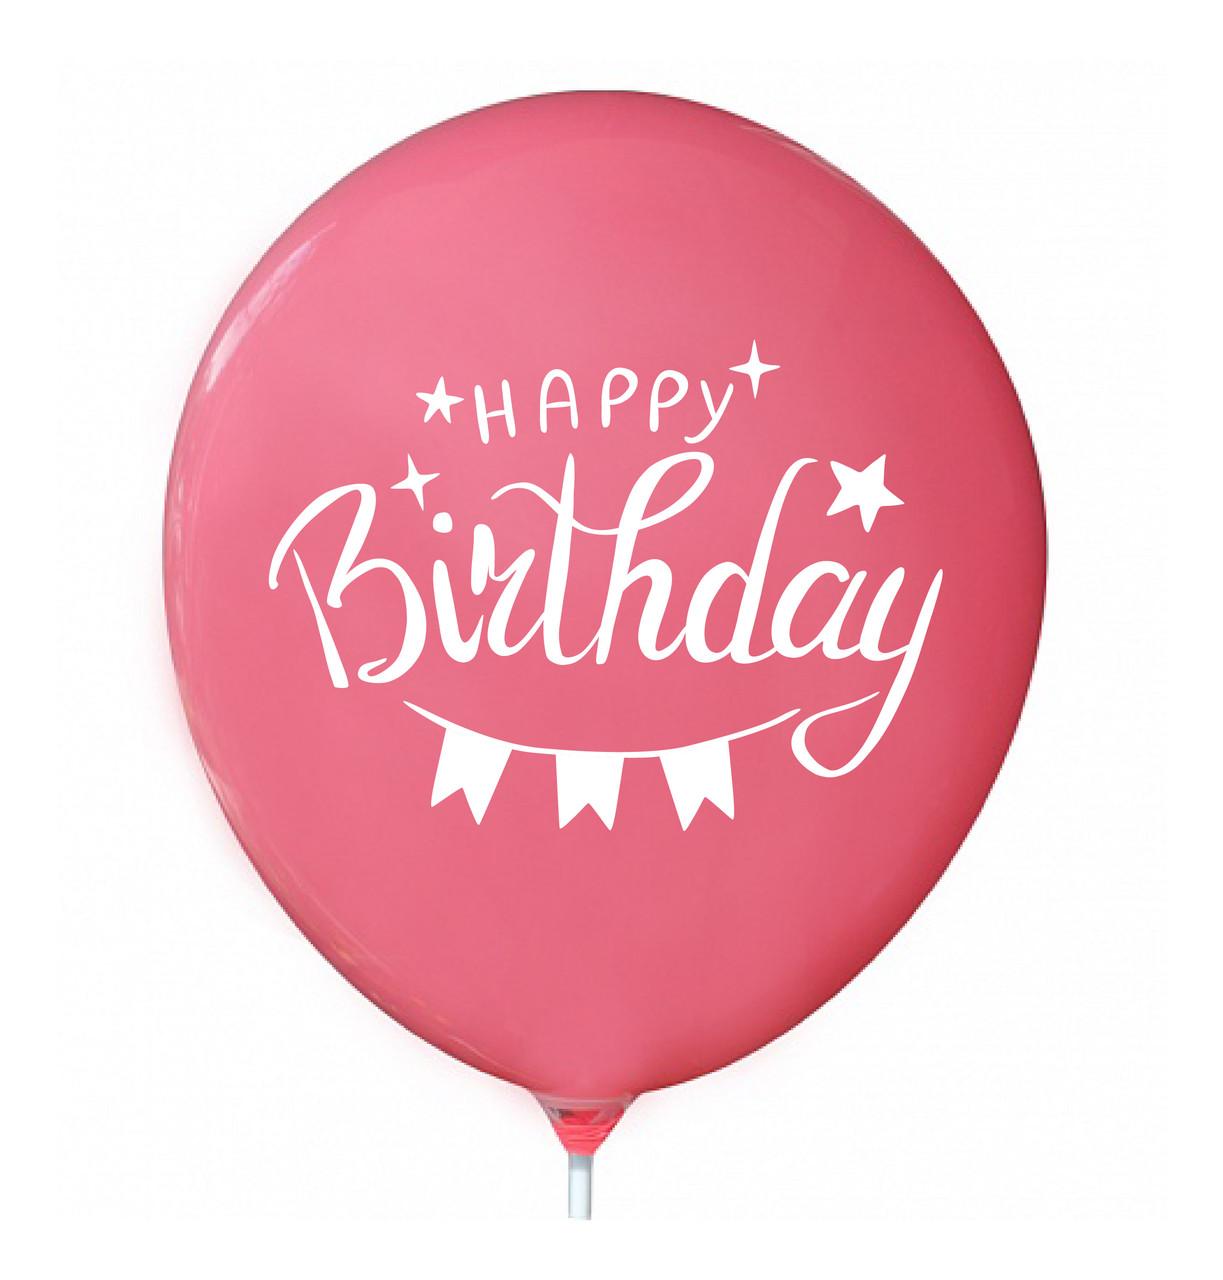 """Латексна кулька 12"""" рожева(бабл гам) з малюнком """"Happy Birthday"""" (КИТАЙ)"""